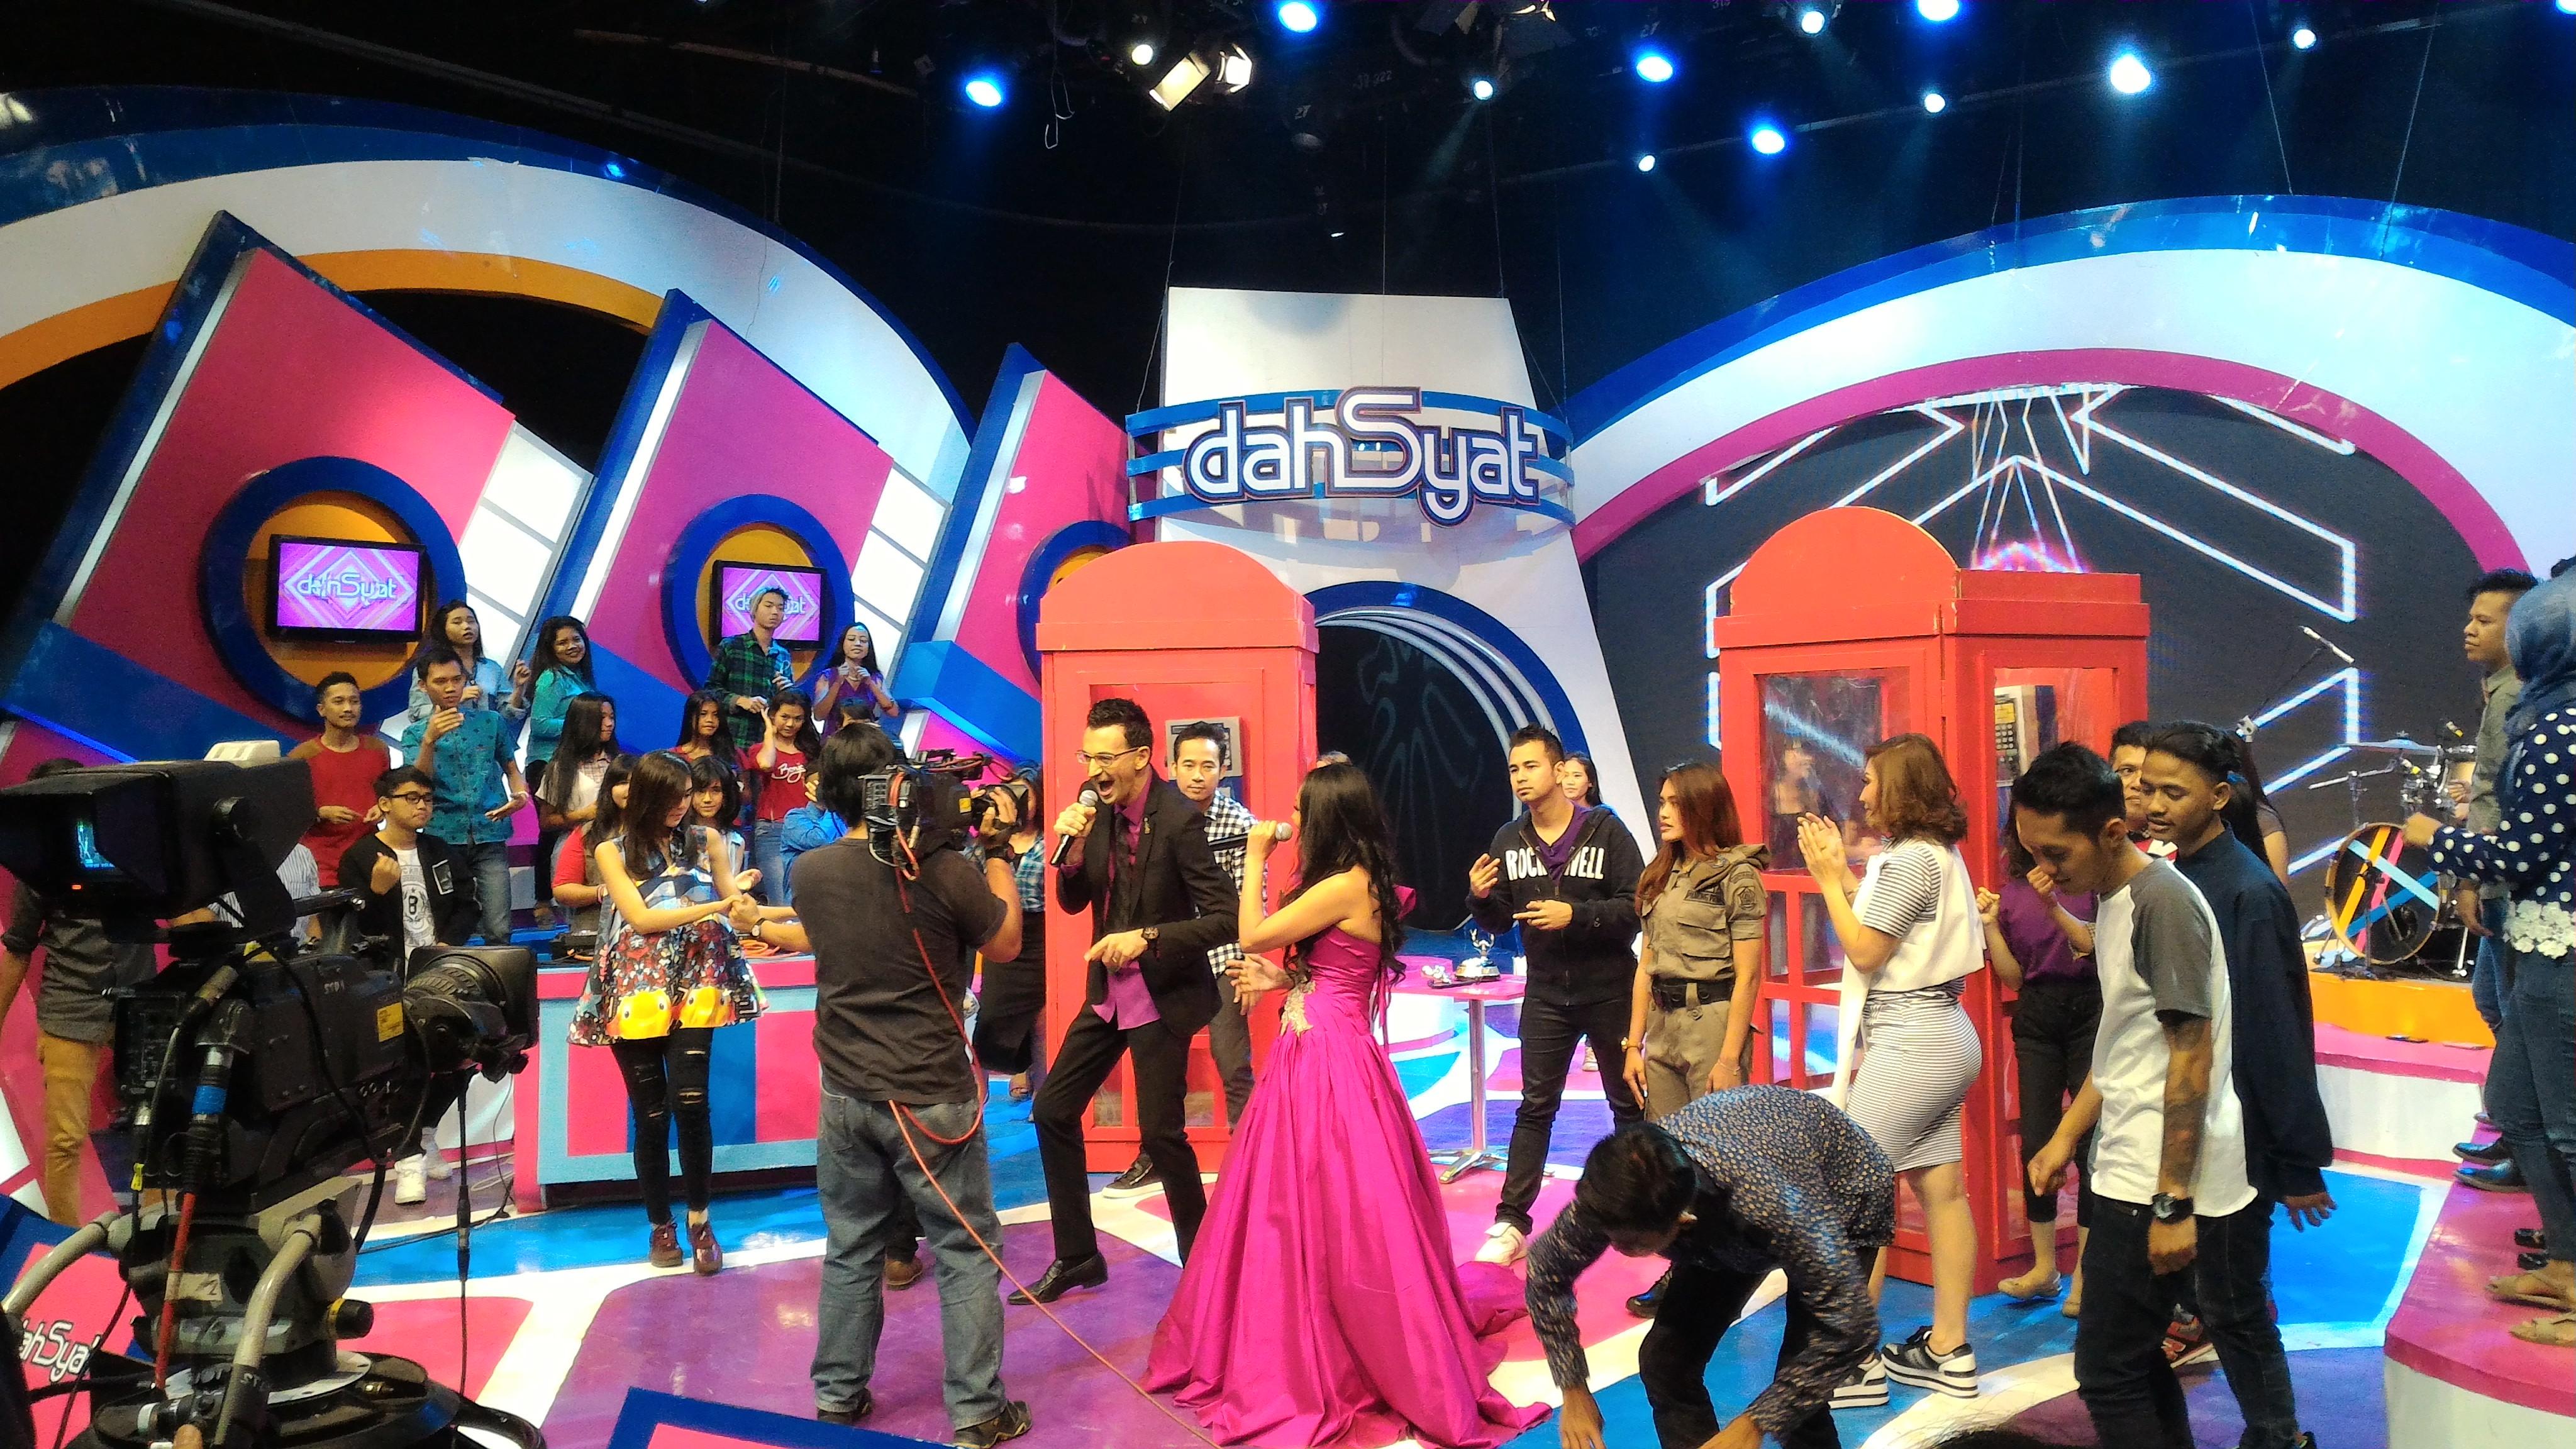 RCTI TV - Dahsyat